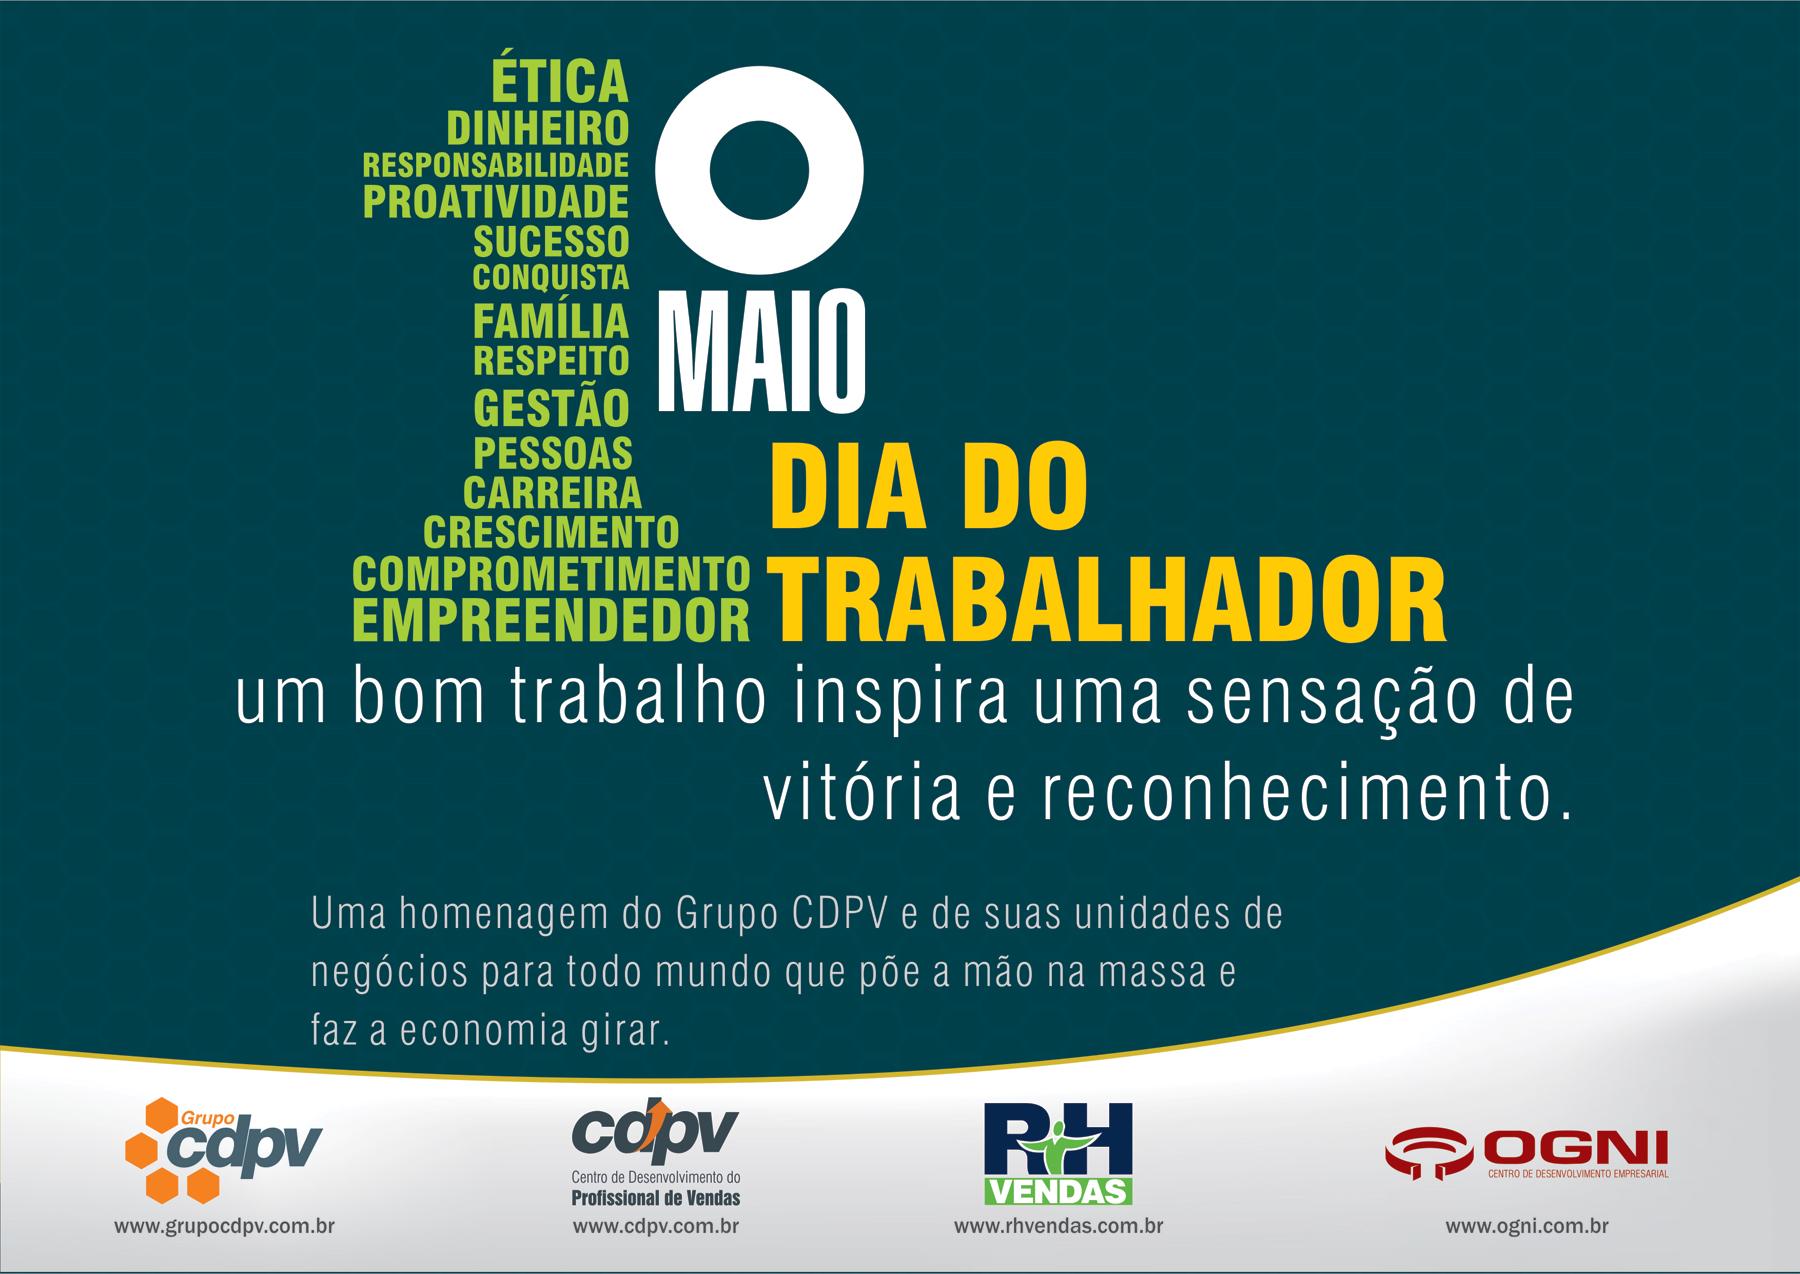 WALLPAPER-DIA-DO-TRABALHO-2013